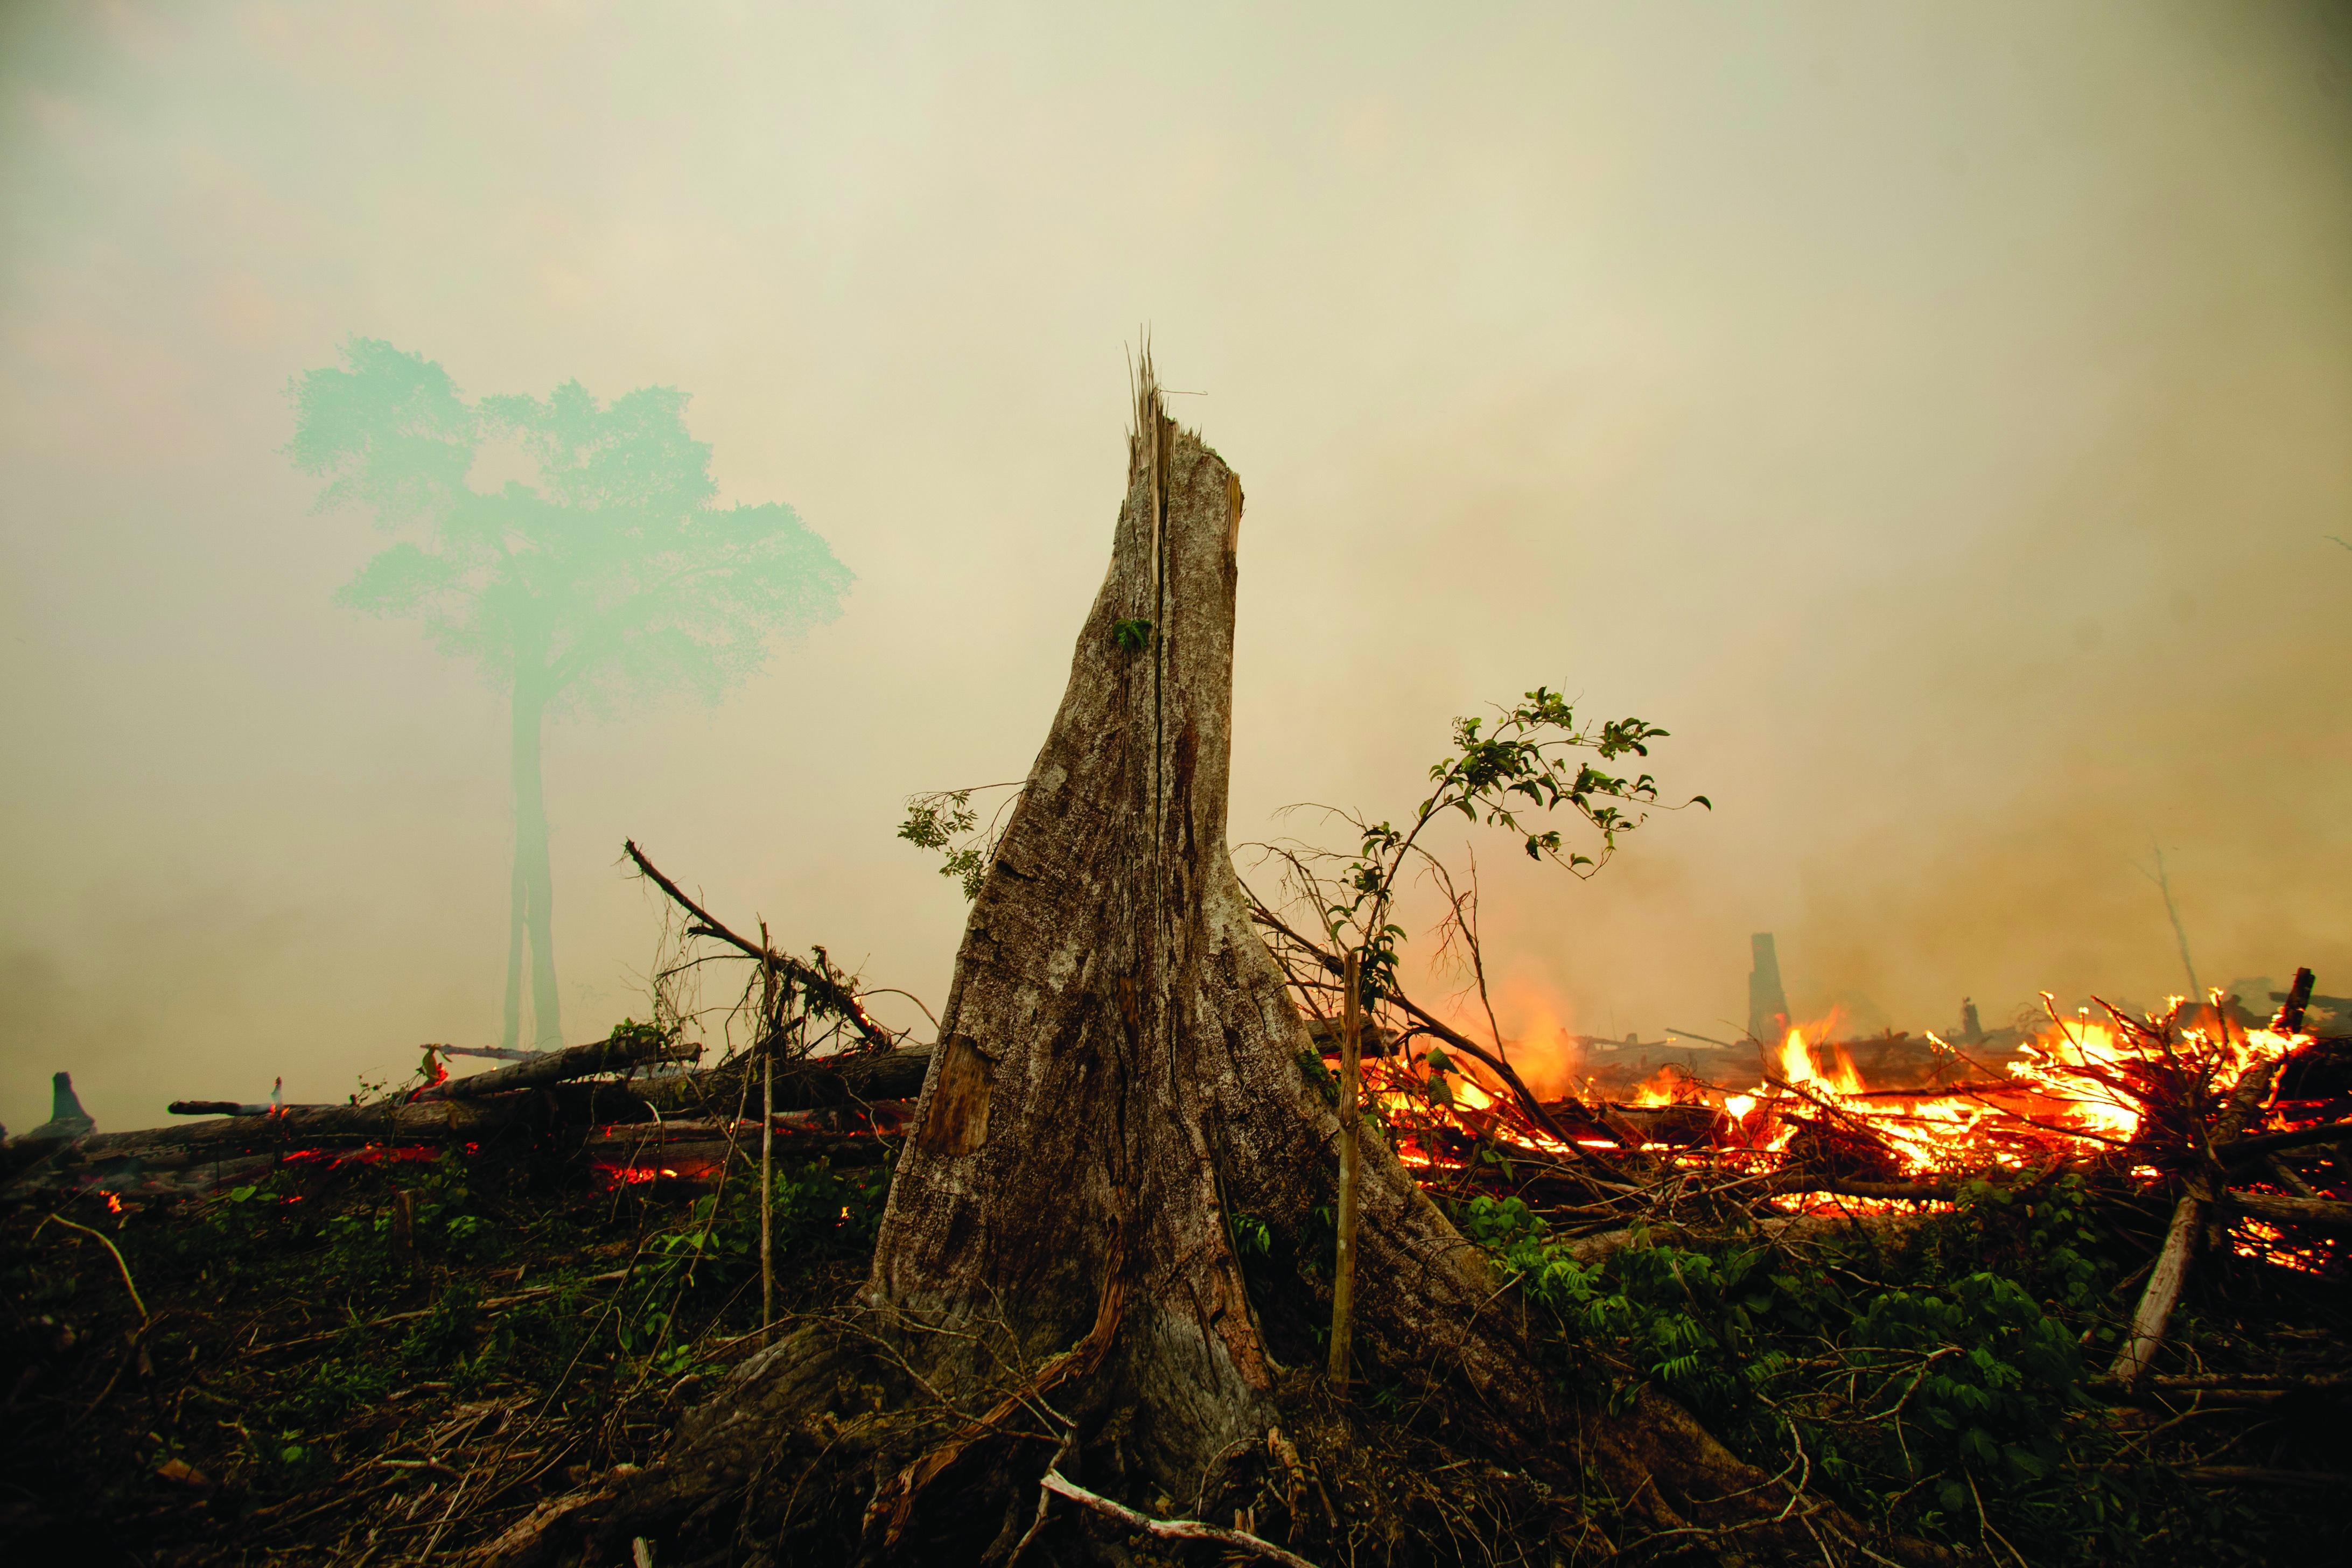 fire_haze_rainforest_(2).jpg